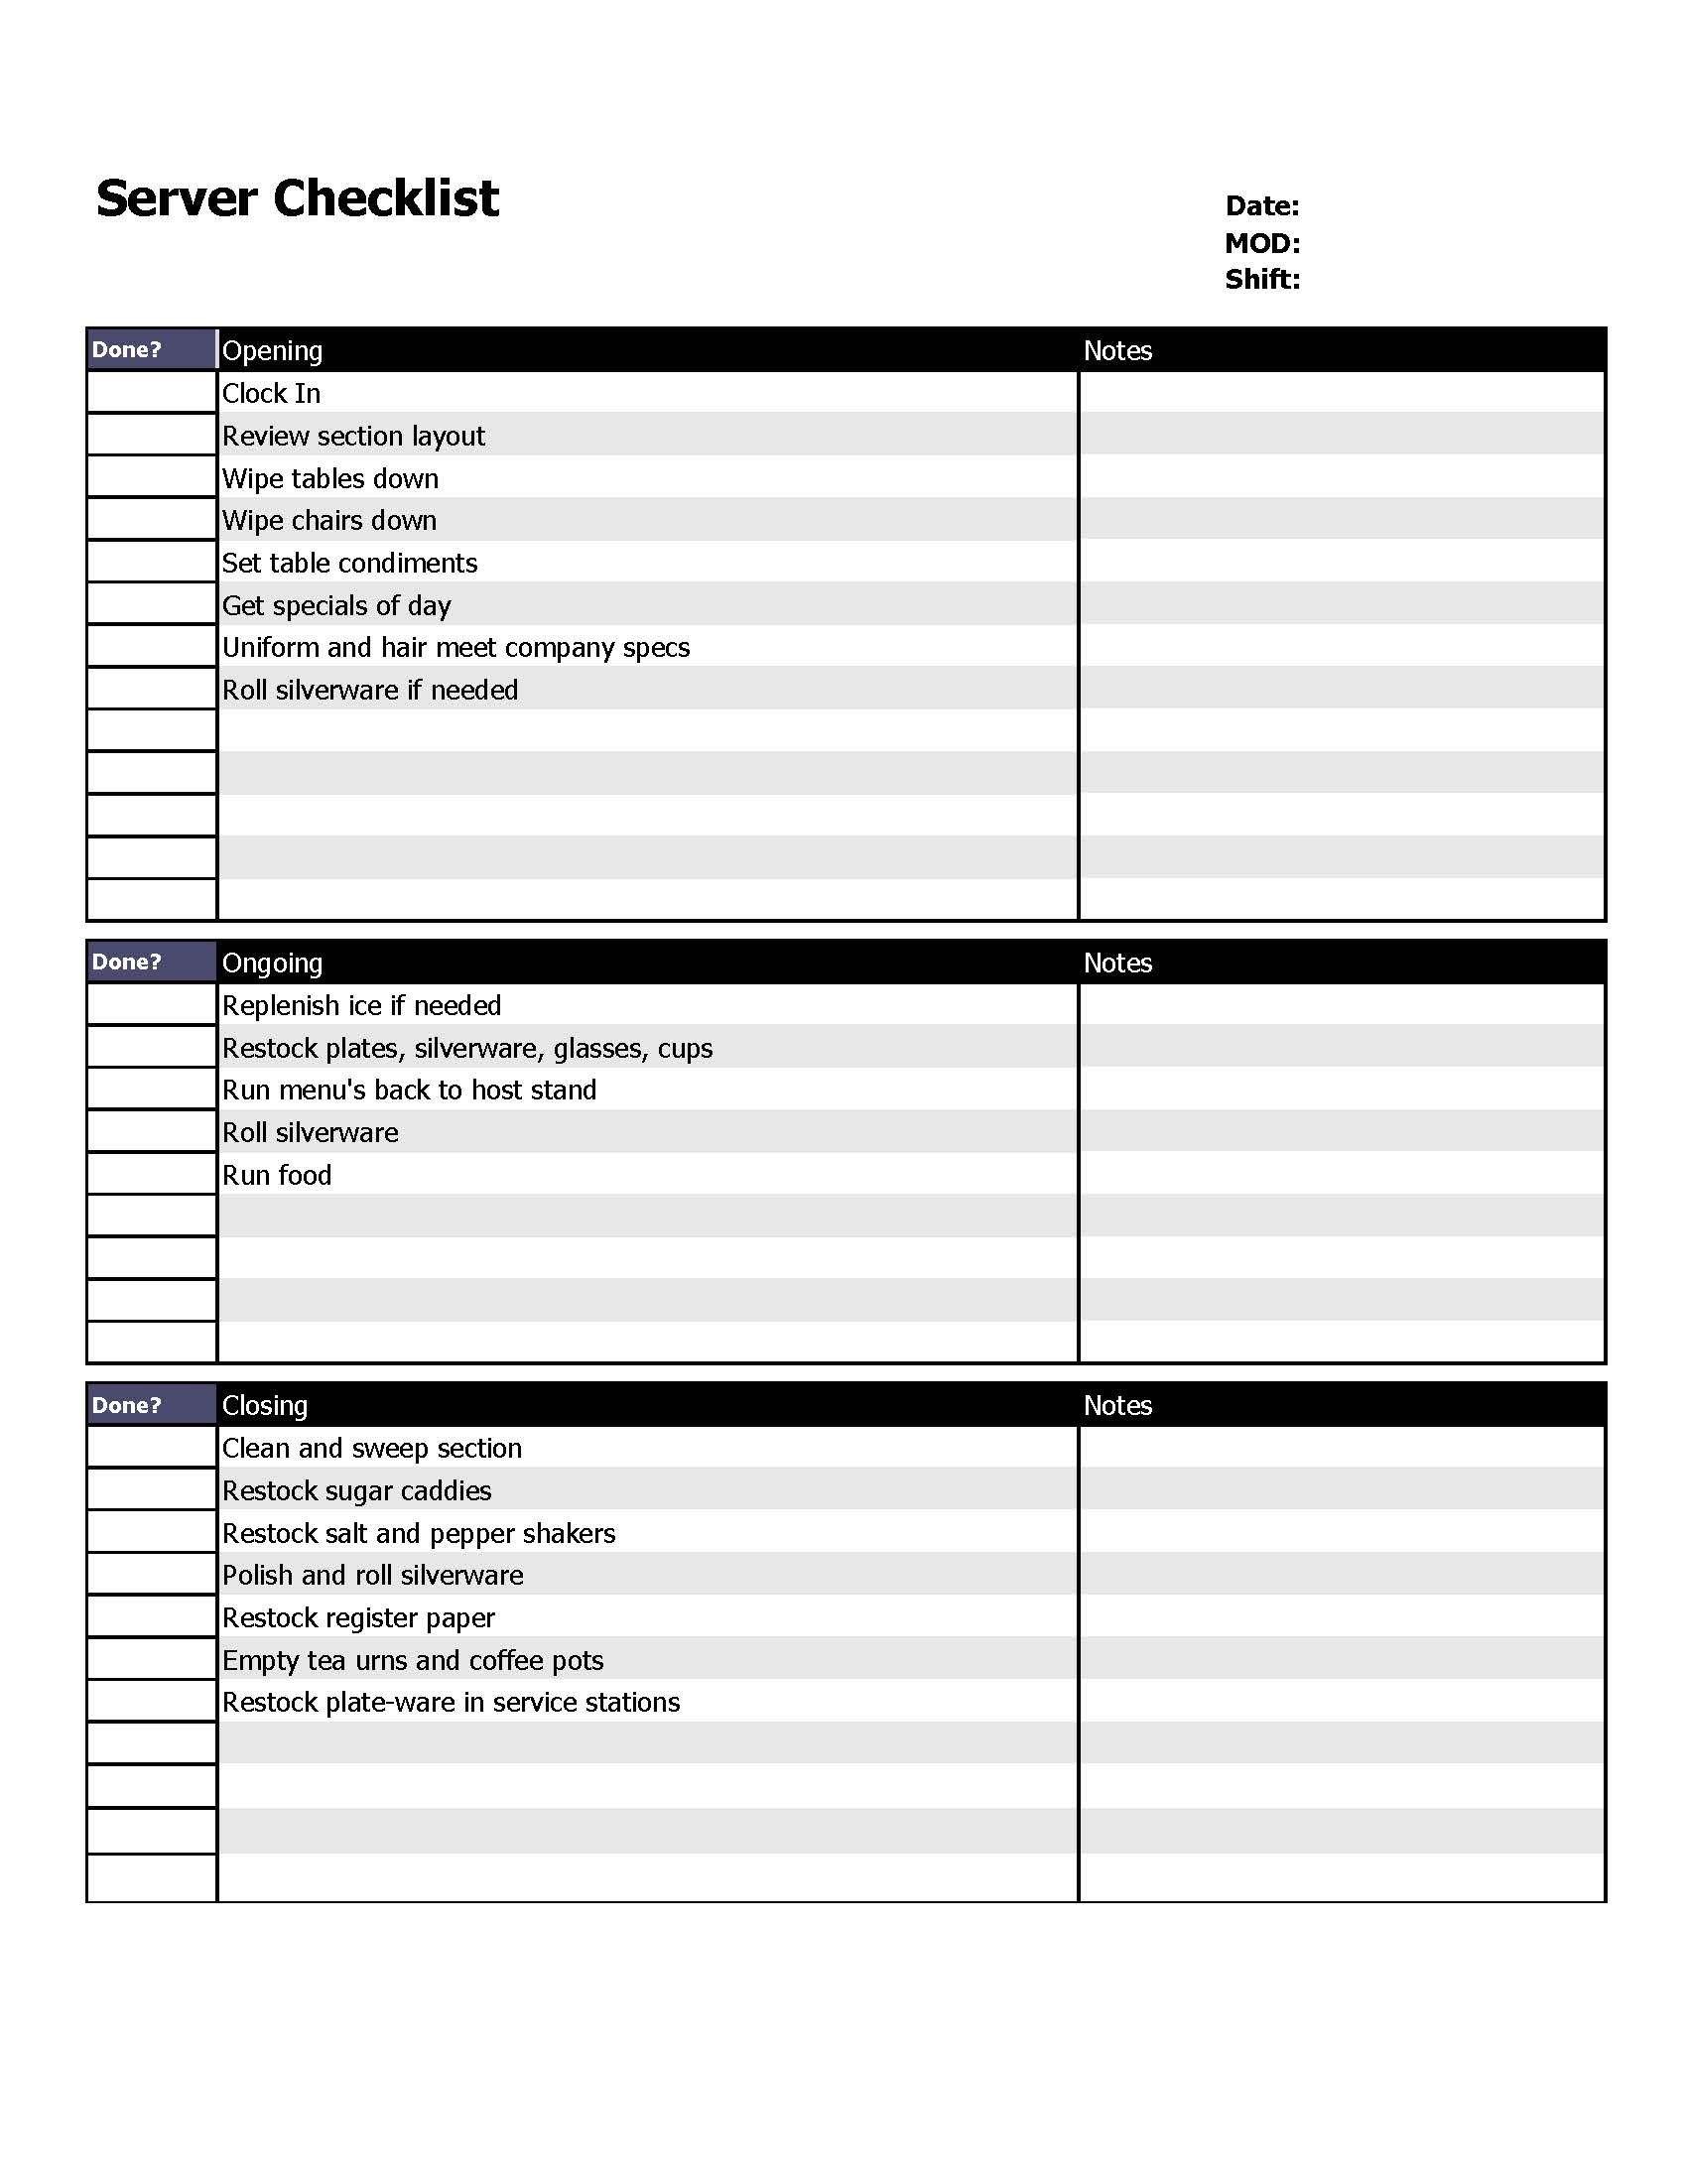 Restaurant Server Checklist Form  Organizing  Restaurant Cleaning Within Menu Checklist Template